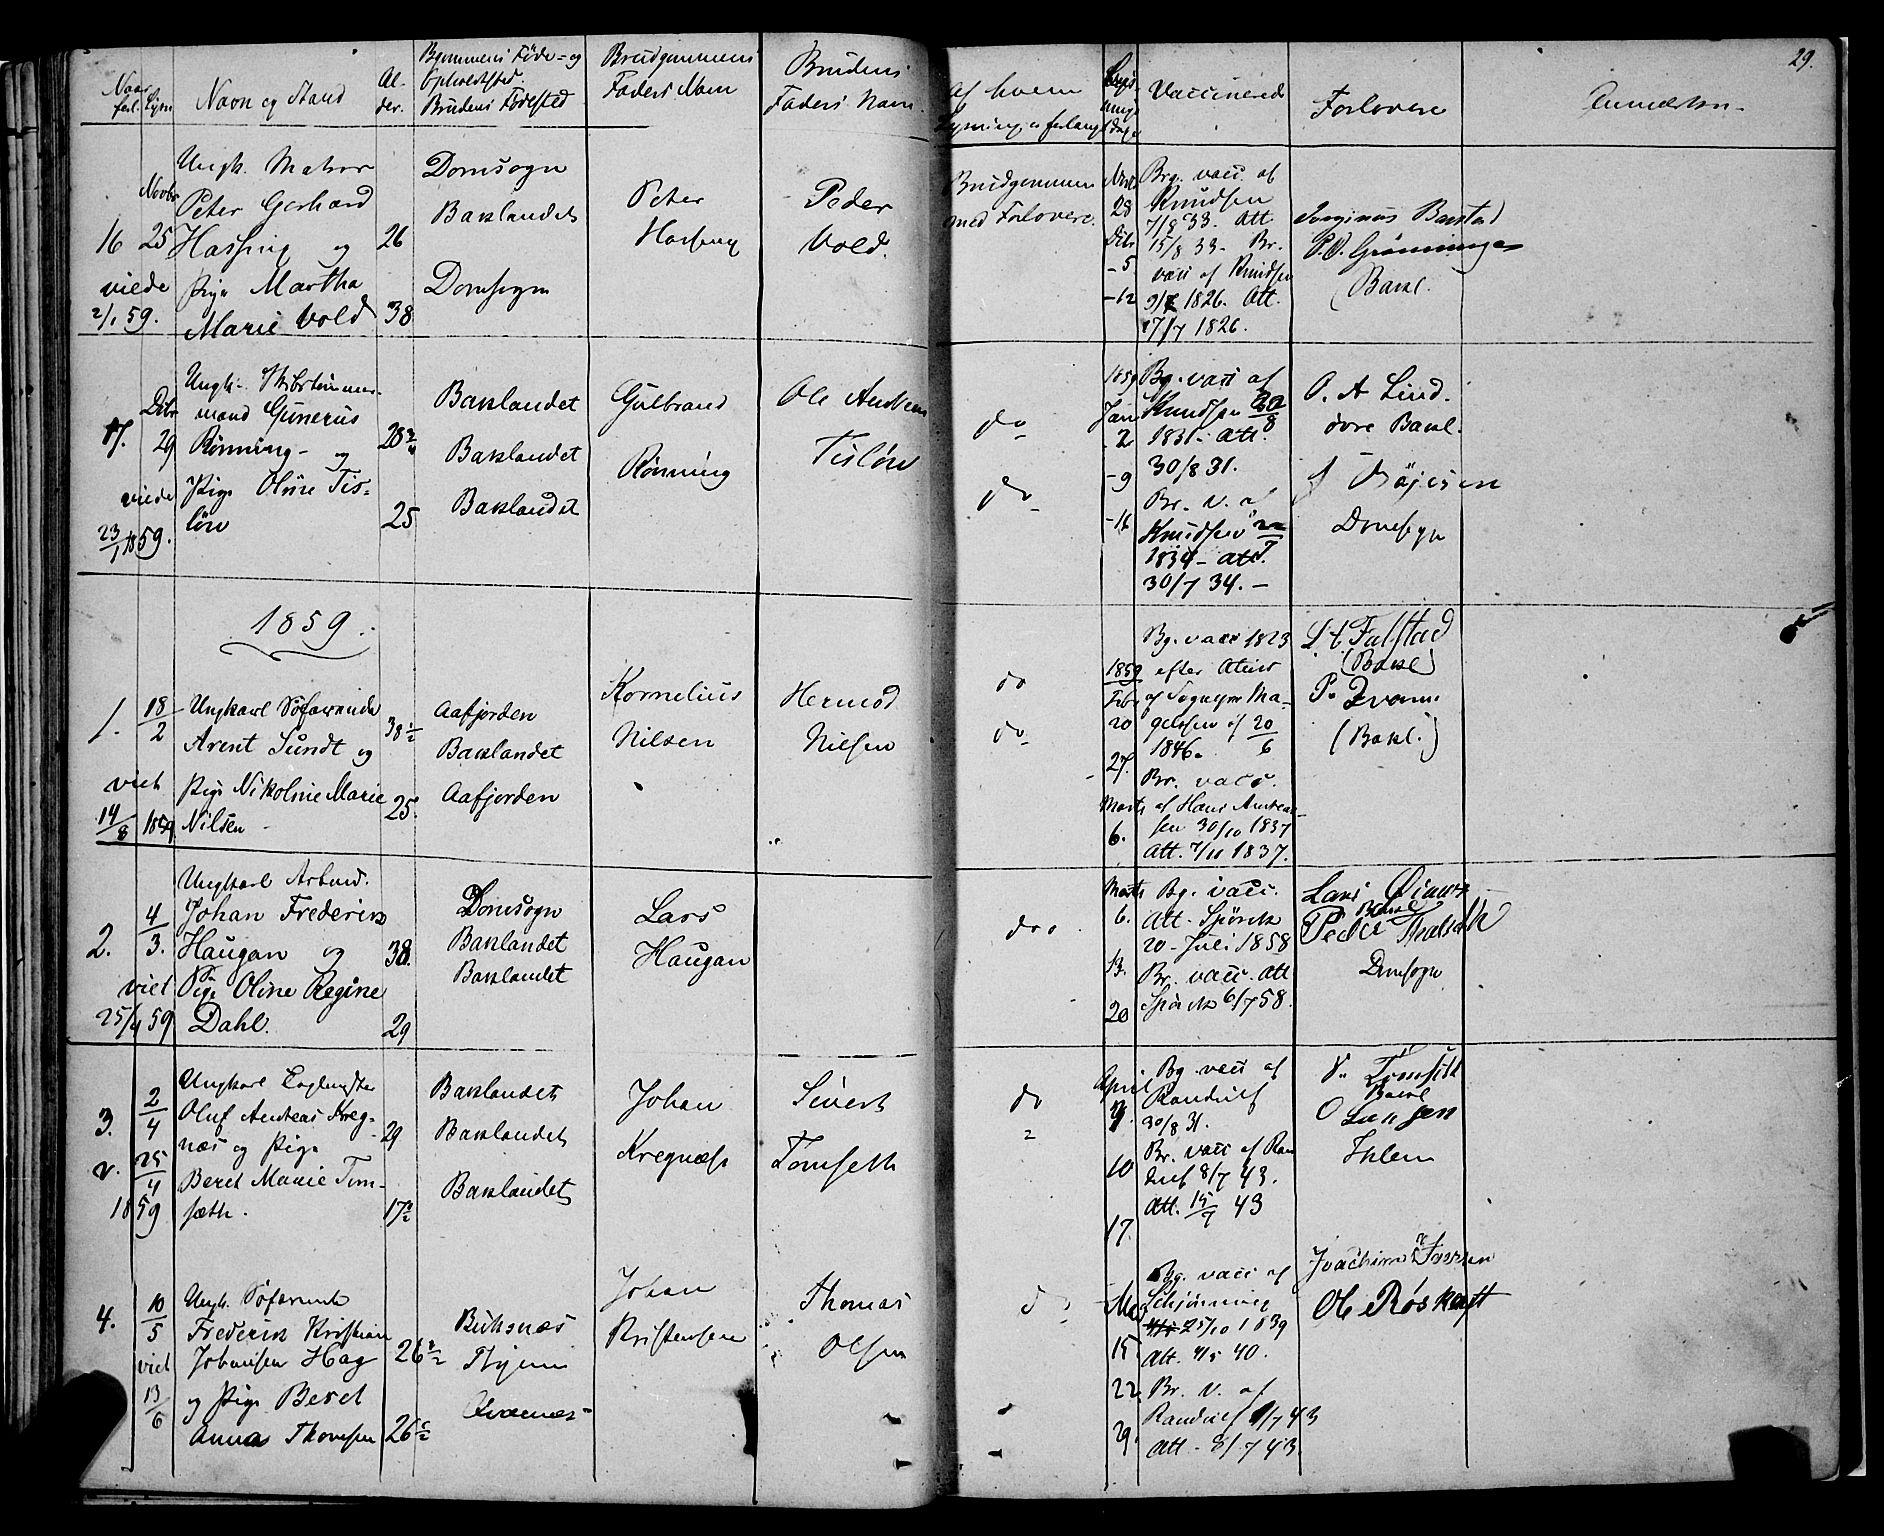 SAT, Ministerialprotokoller, klokkerbøker og fødselsregistre - Sør-Trøndelag, 604/L0187: Ministerialbok nr. 604A08, 1847-1878, s. 29